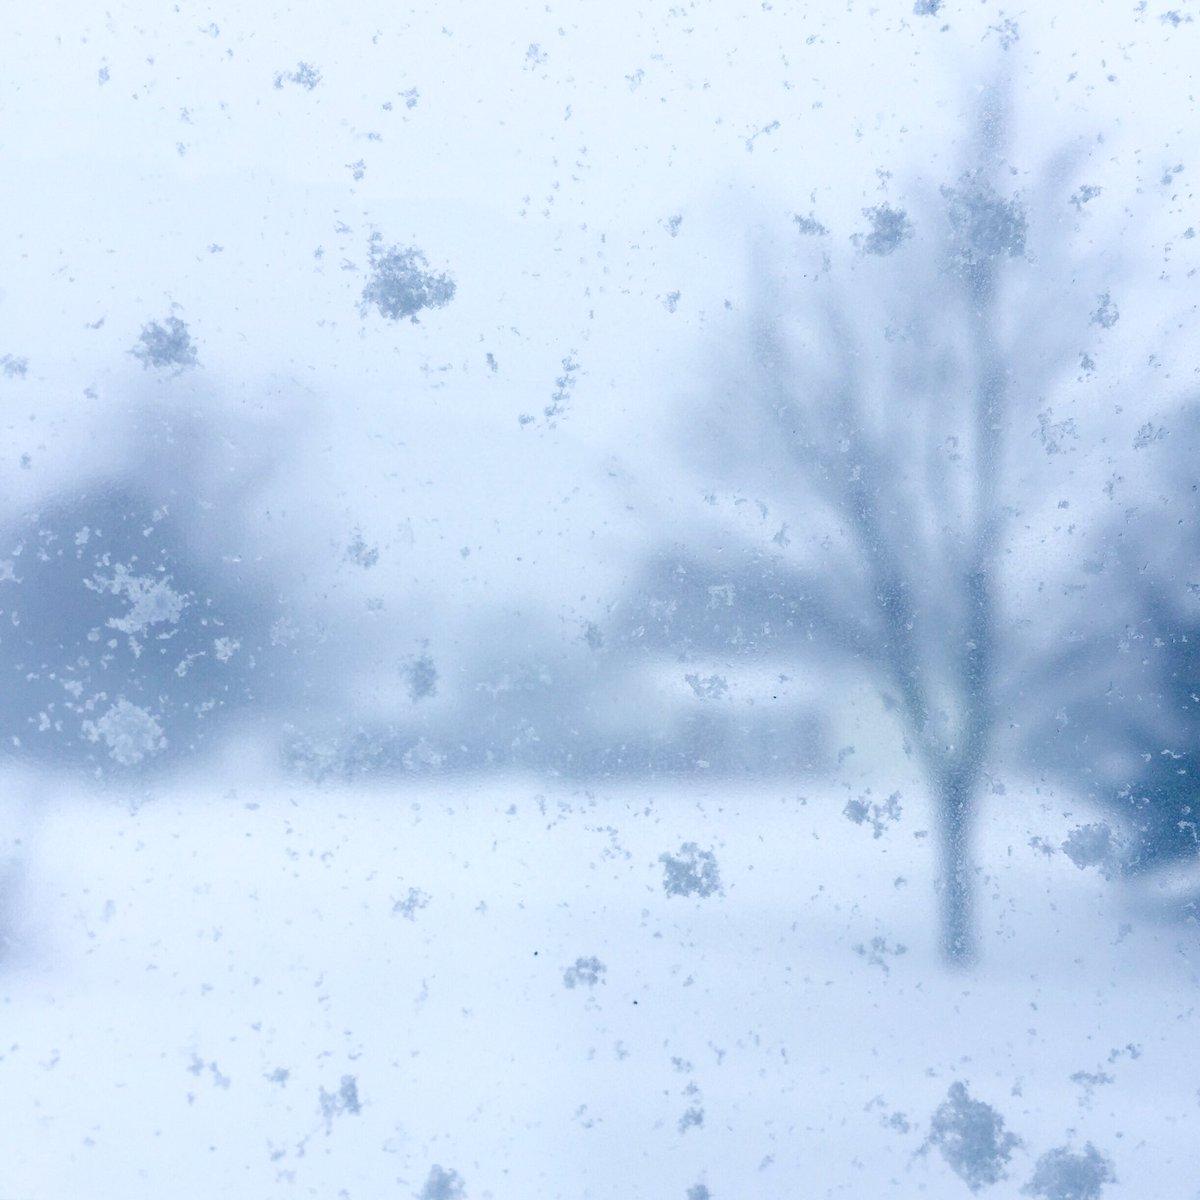 Mère Nature a encore frappé. Une belle tempête à l&#39;Île. #peistorm #pei #snowday #charlottetown @CBCPEI @PEIGuardian @iciacadie @tourismpei<br>http://pic.twitter.com/K8x1Km5woB